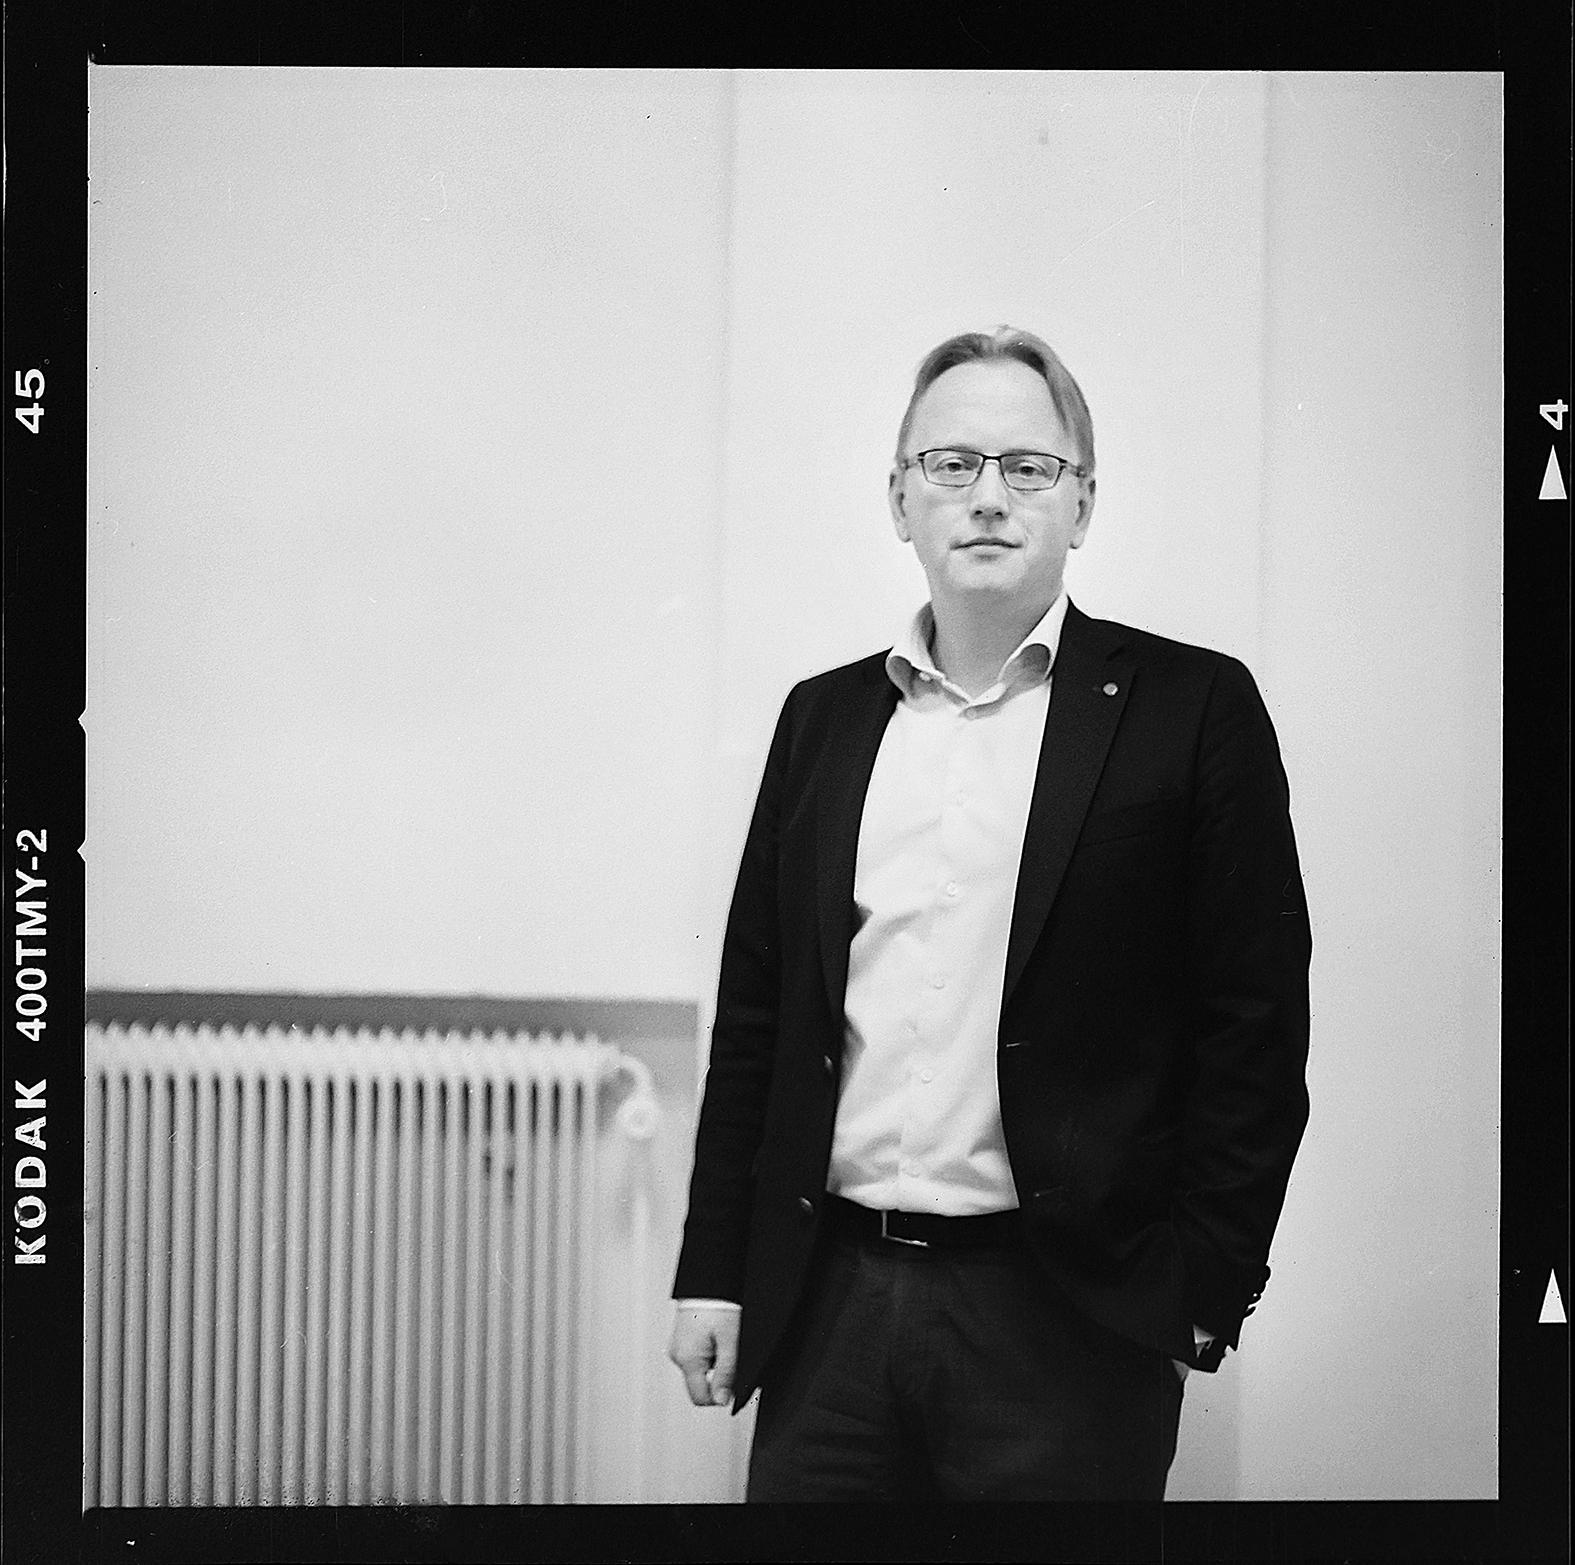 Fredrik Olovsson, gruppledare och ordförande i Finansutskottet. Foto: Mikael Andersson, 2016-04-13, Hasselblad 500cm, 80mm. Exponerad 1/125sek-f2,8